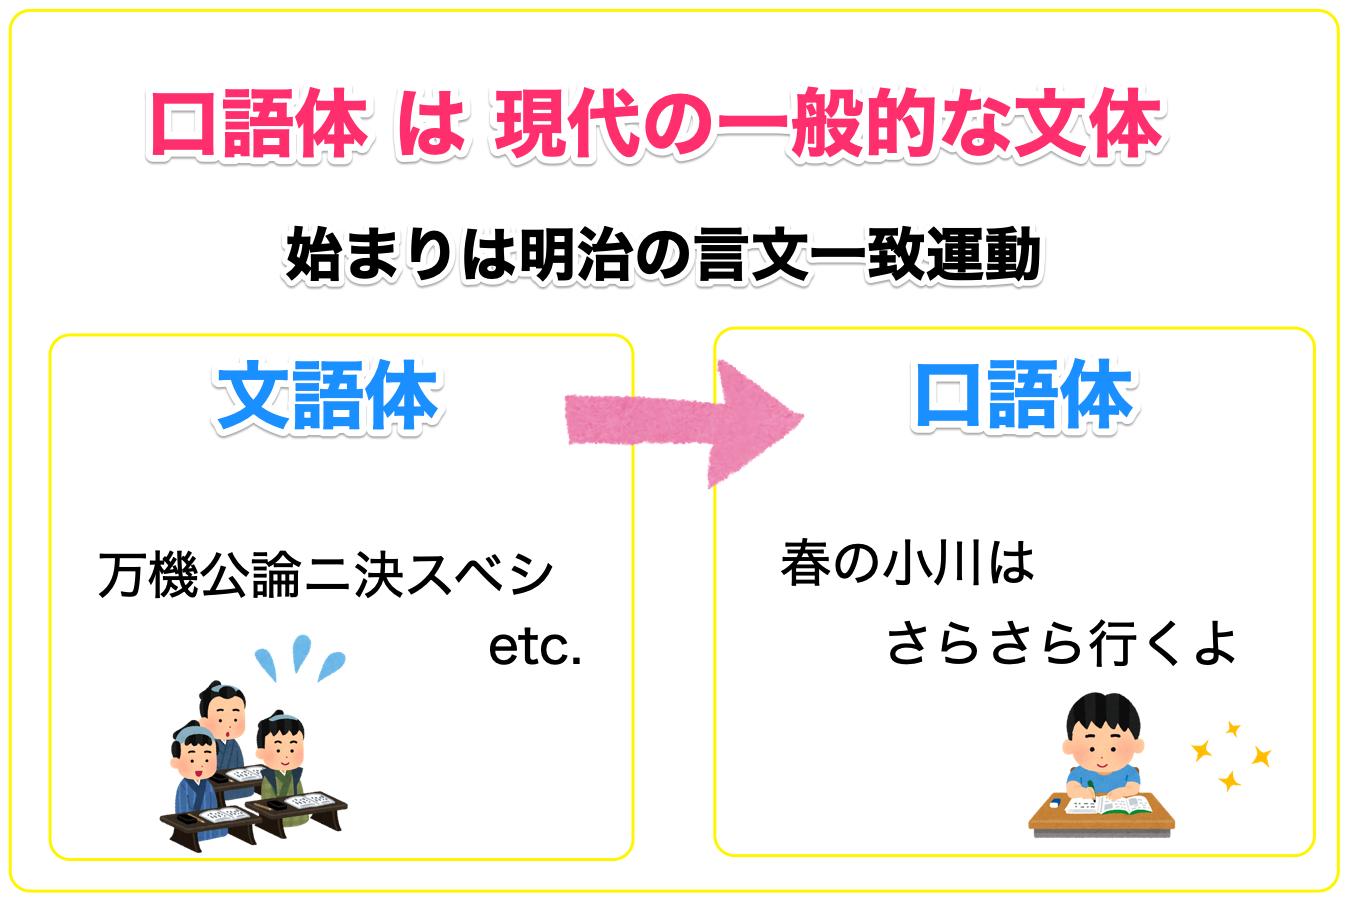 口語体の基礎知識を文語体との違いを含めて解説